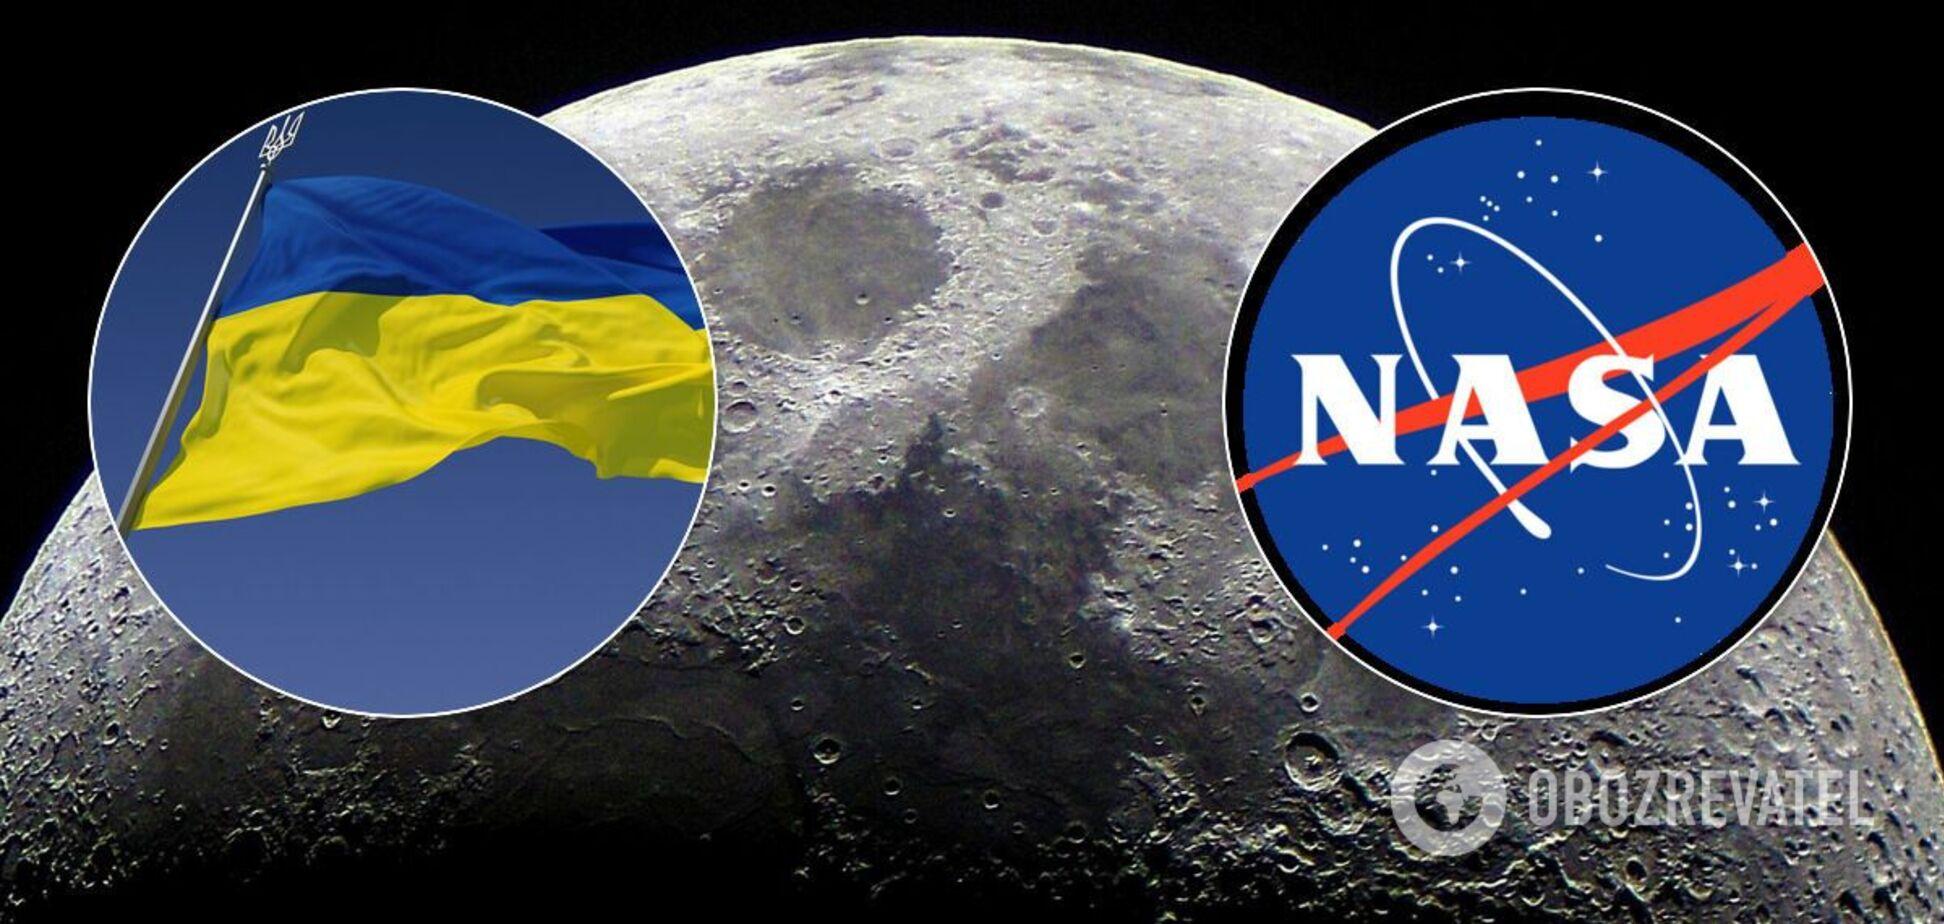 Україна спільно з NASA буде вивчати Місяць та Марс